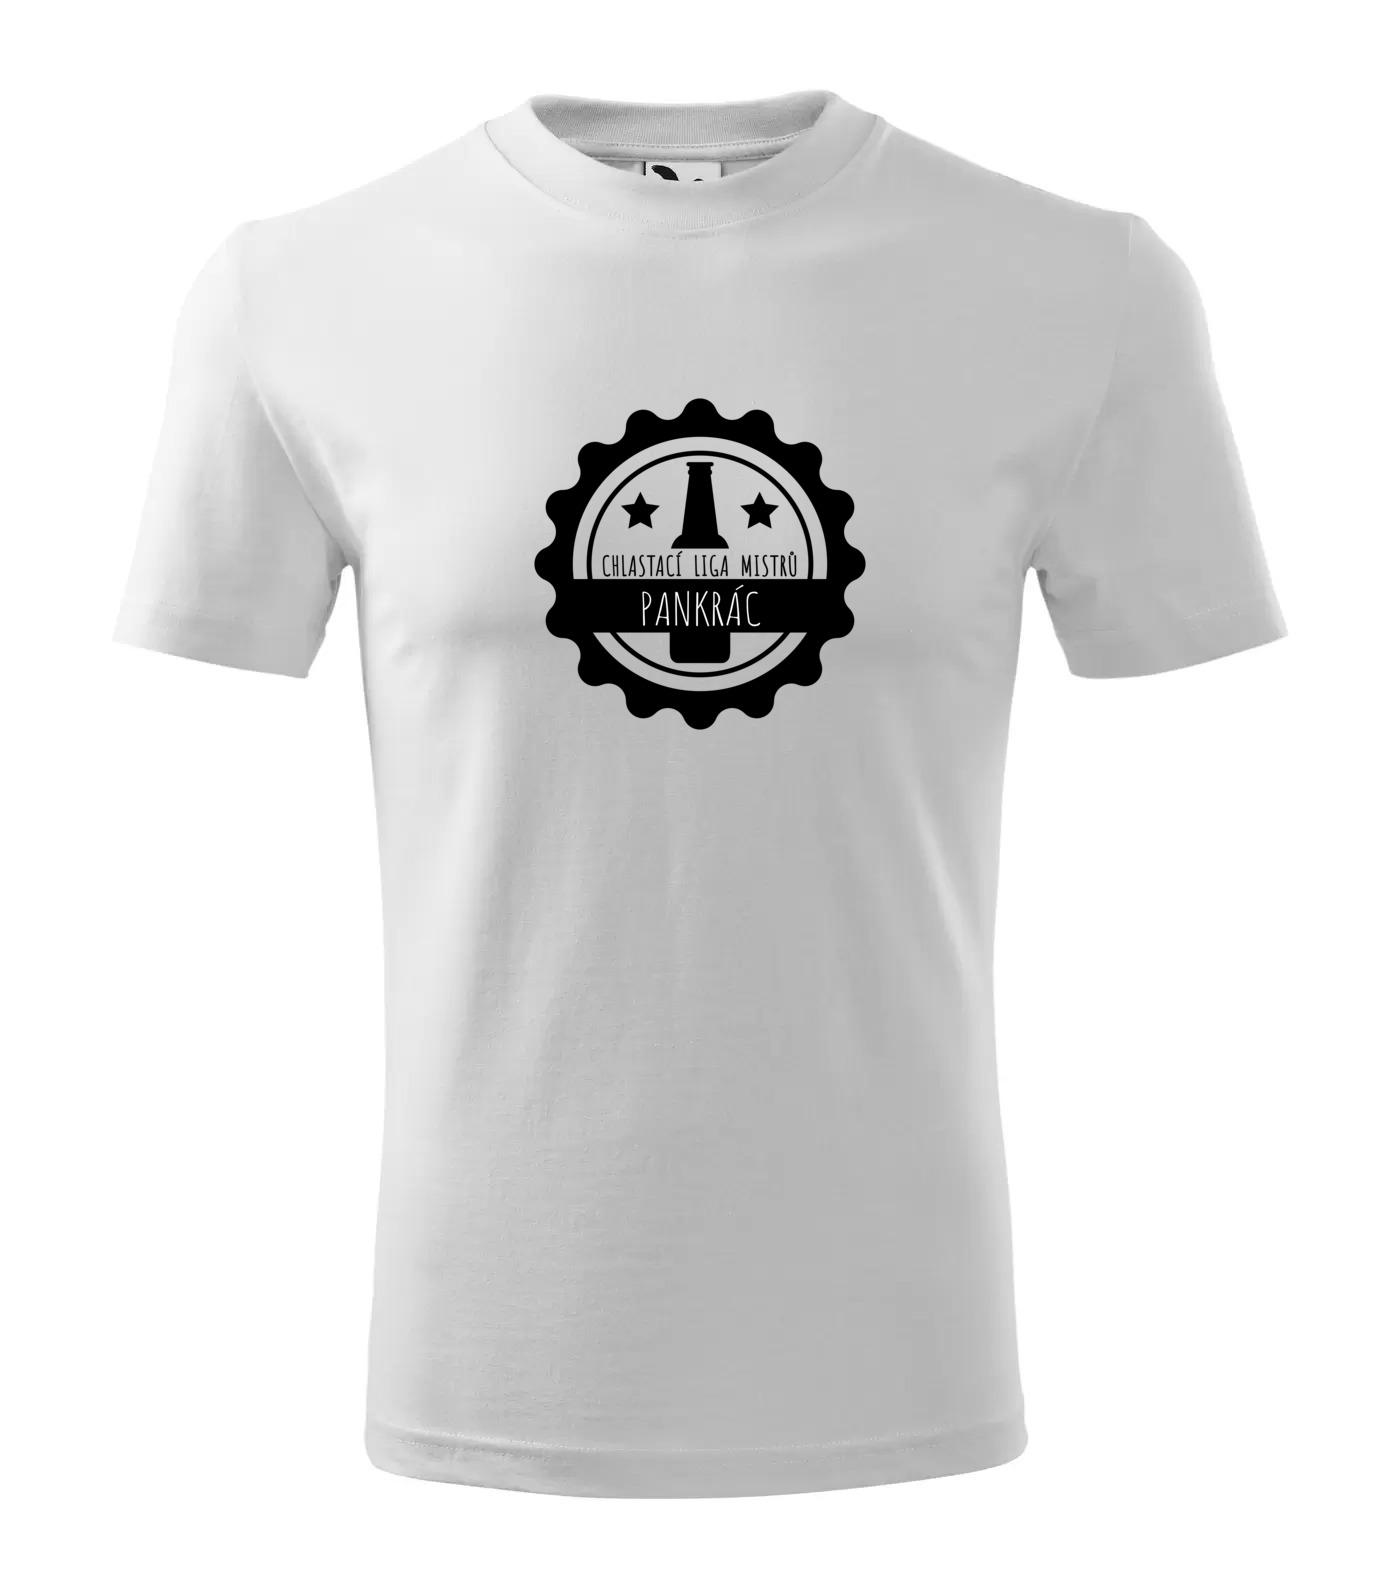 Tričko Chlastací liga mužů Pankrác